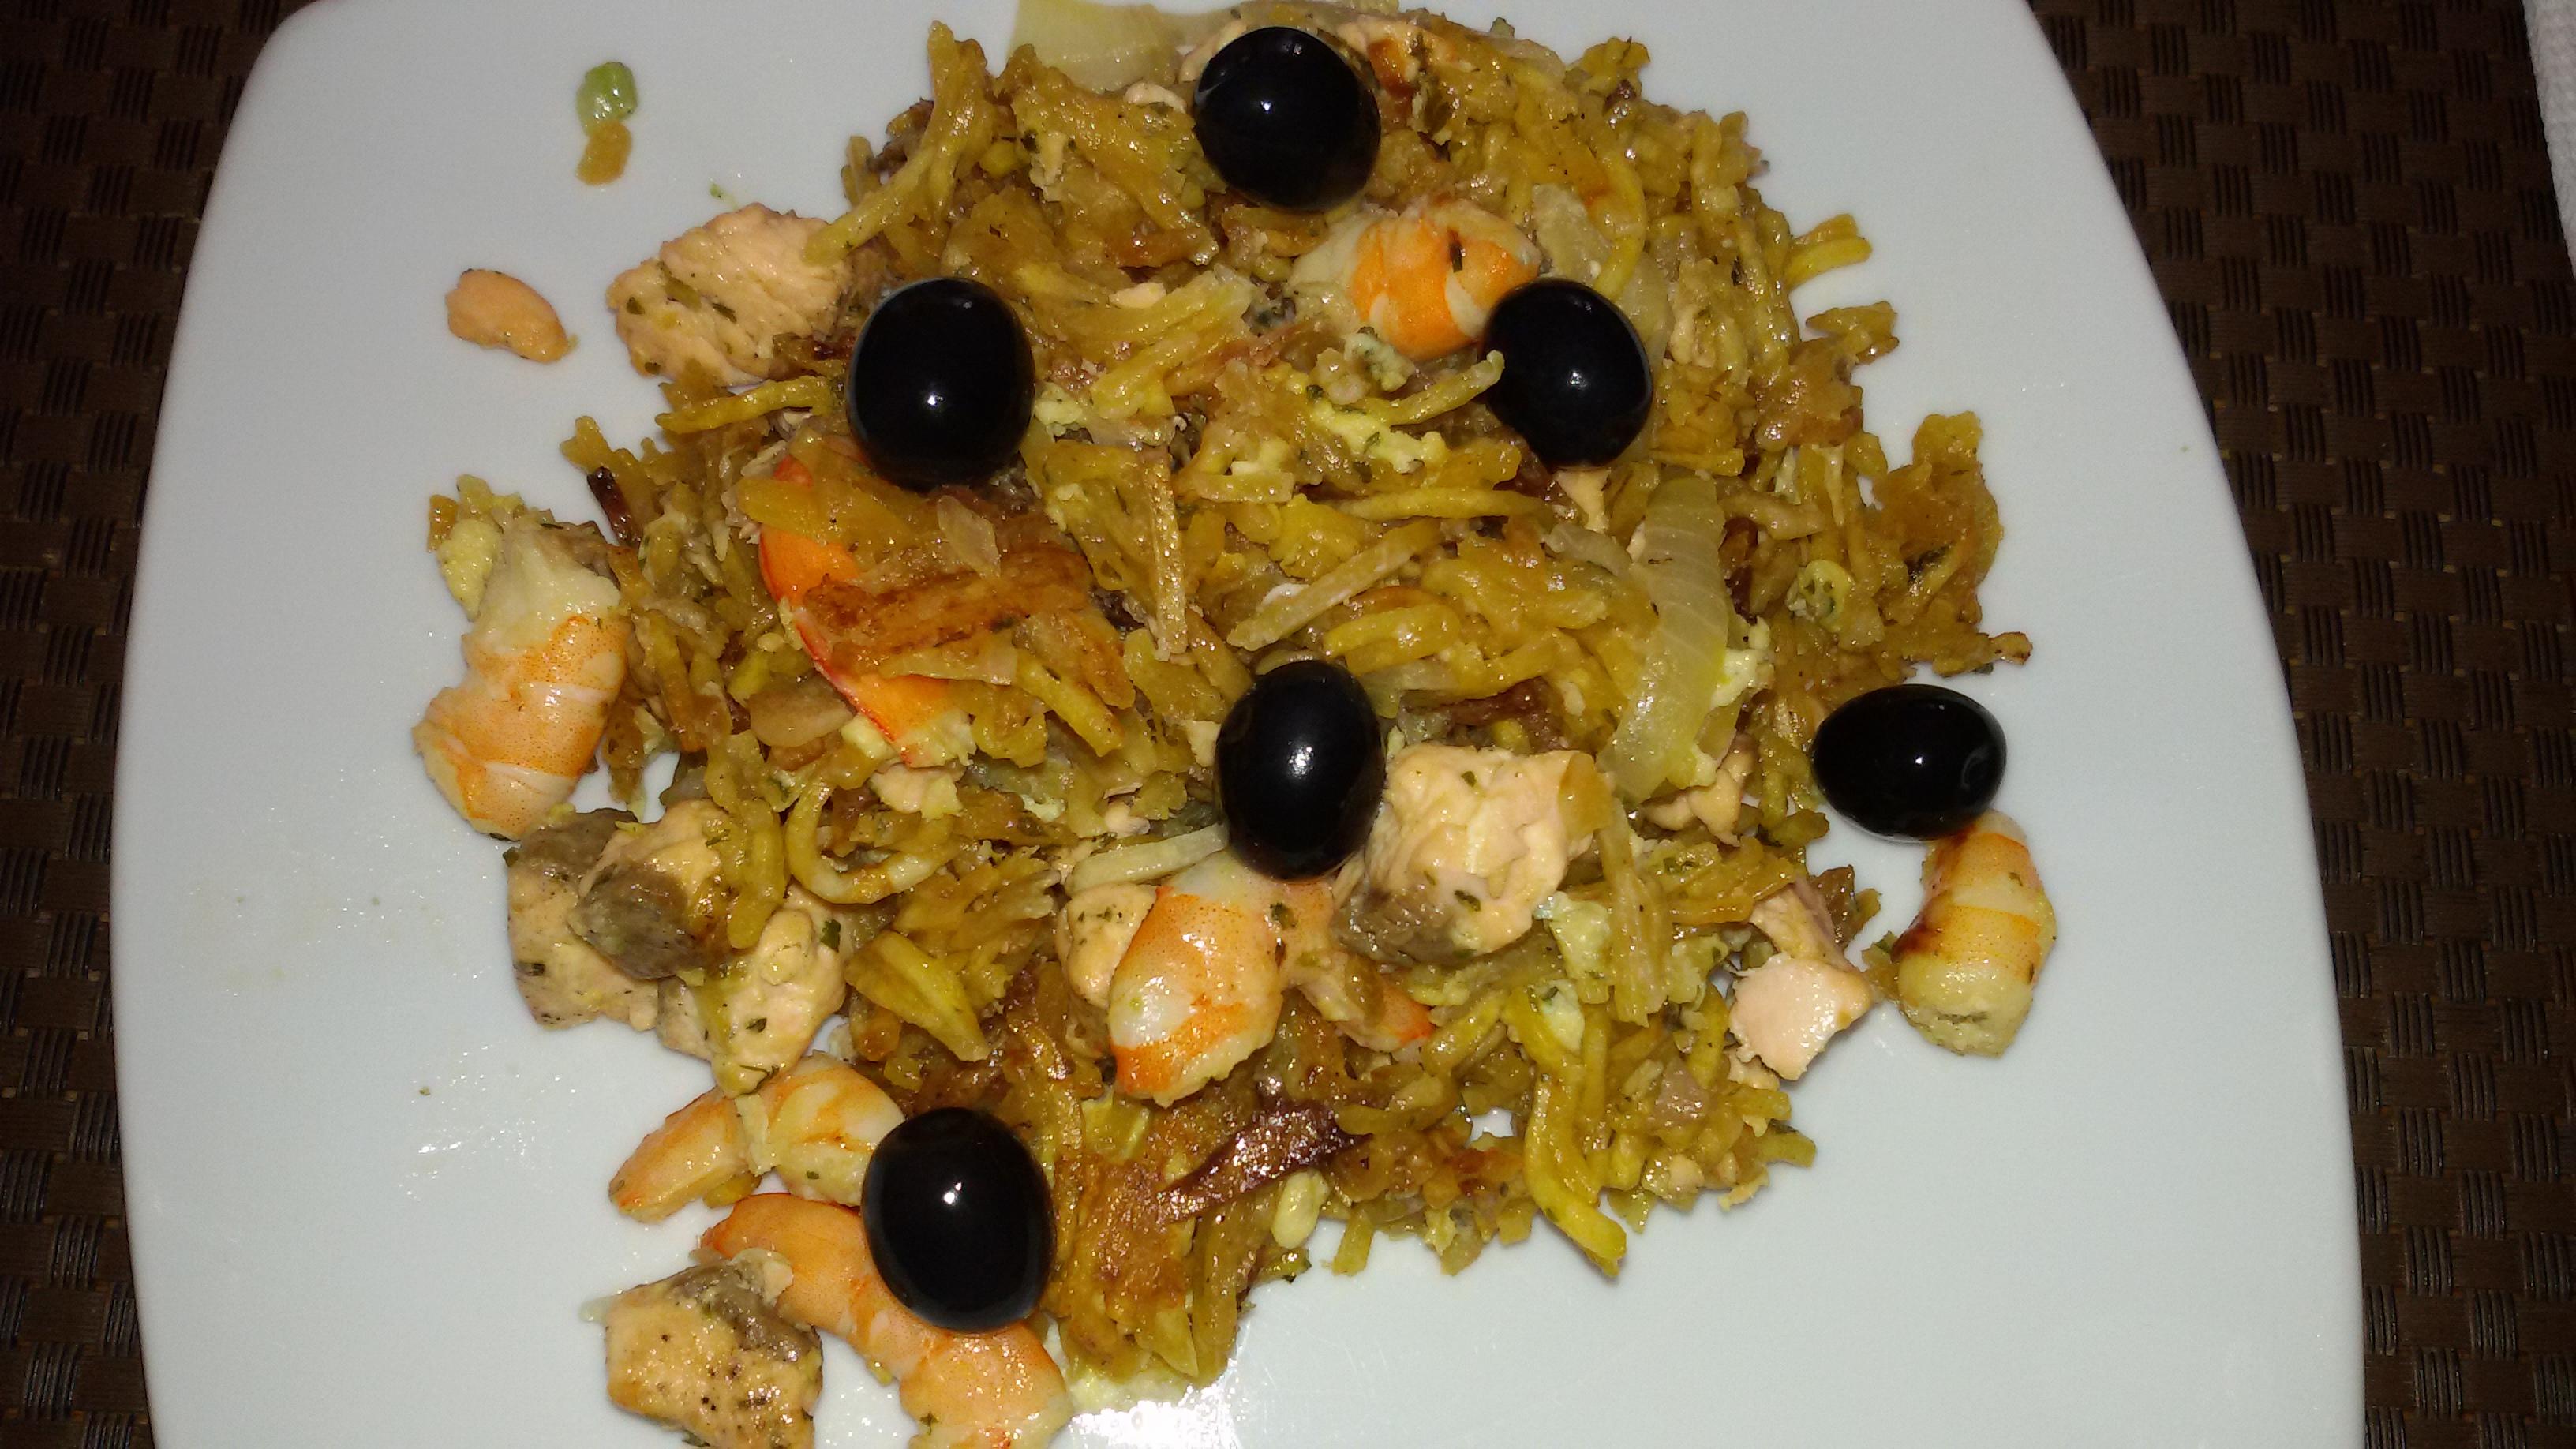 Saumon br s avec crevettes for Cuisine portugaise